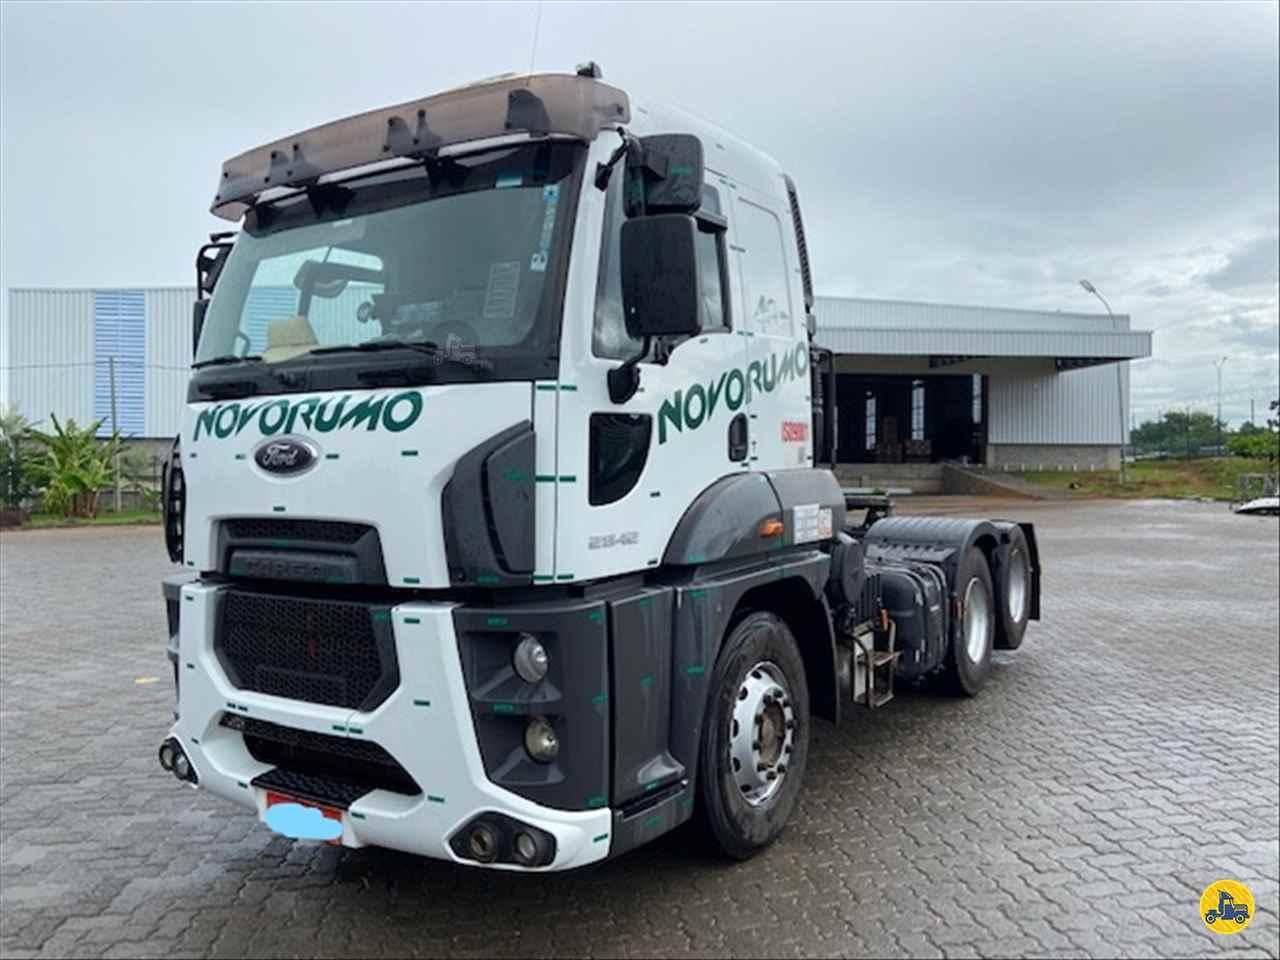 CAMINHAO FORD CARGO 2842 Cavalo Mecânico Truck 6x2 Novo Rumo Transportes  LIMEIRA SÃO PAULO SP